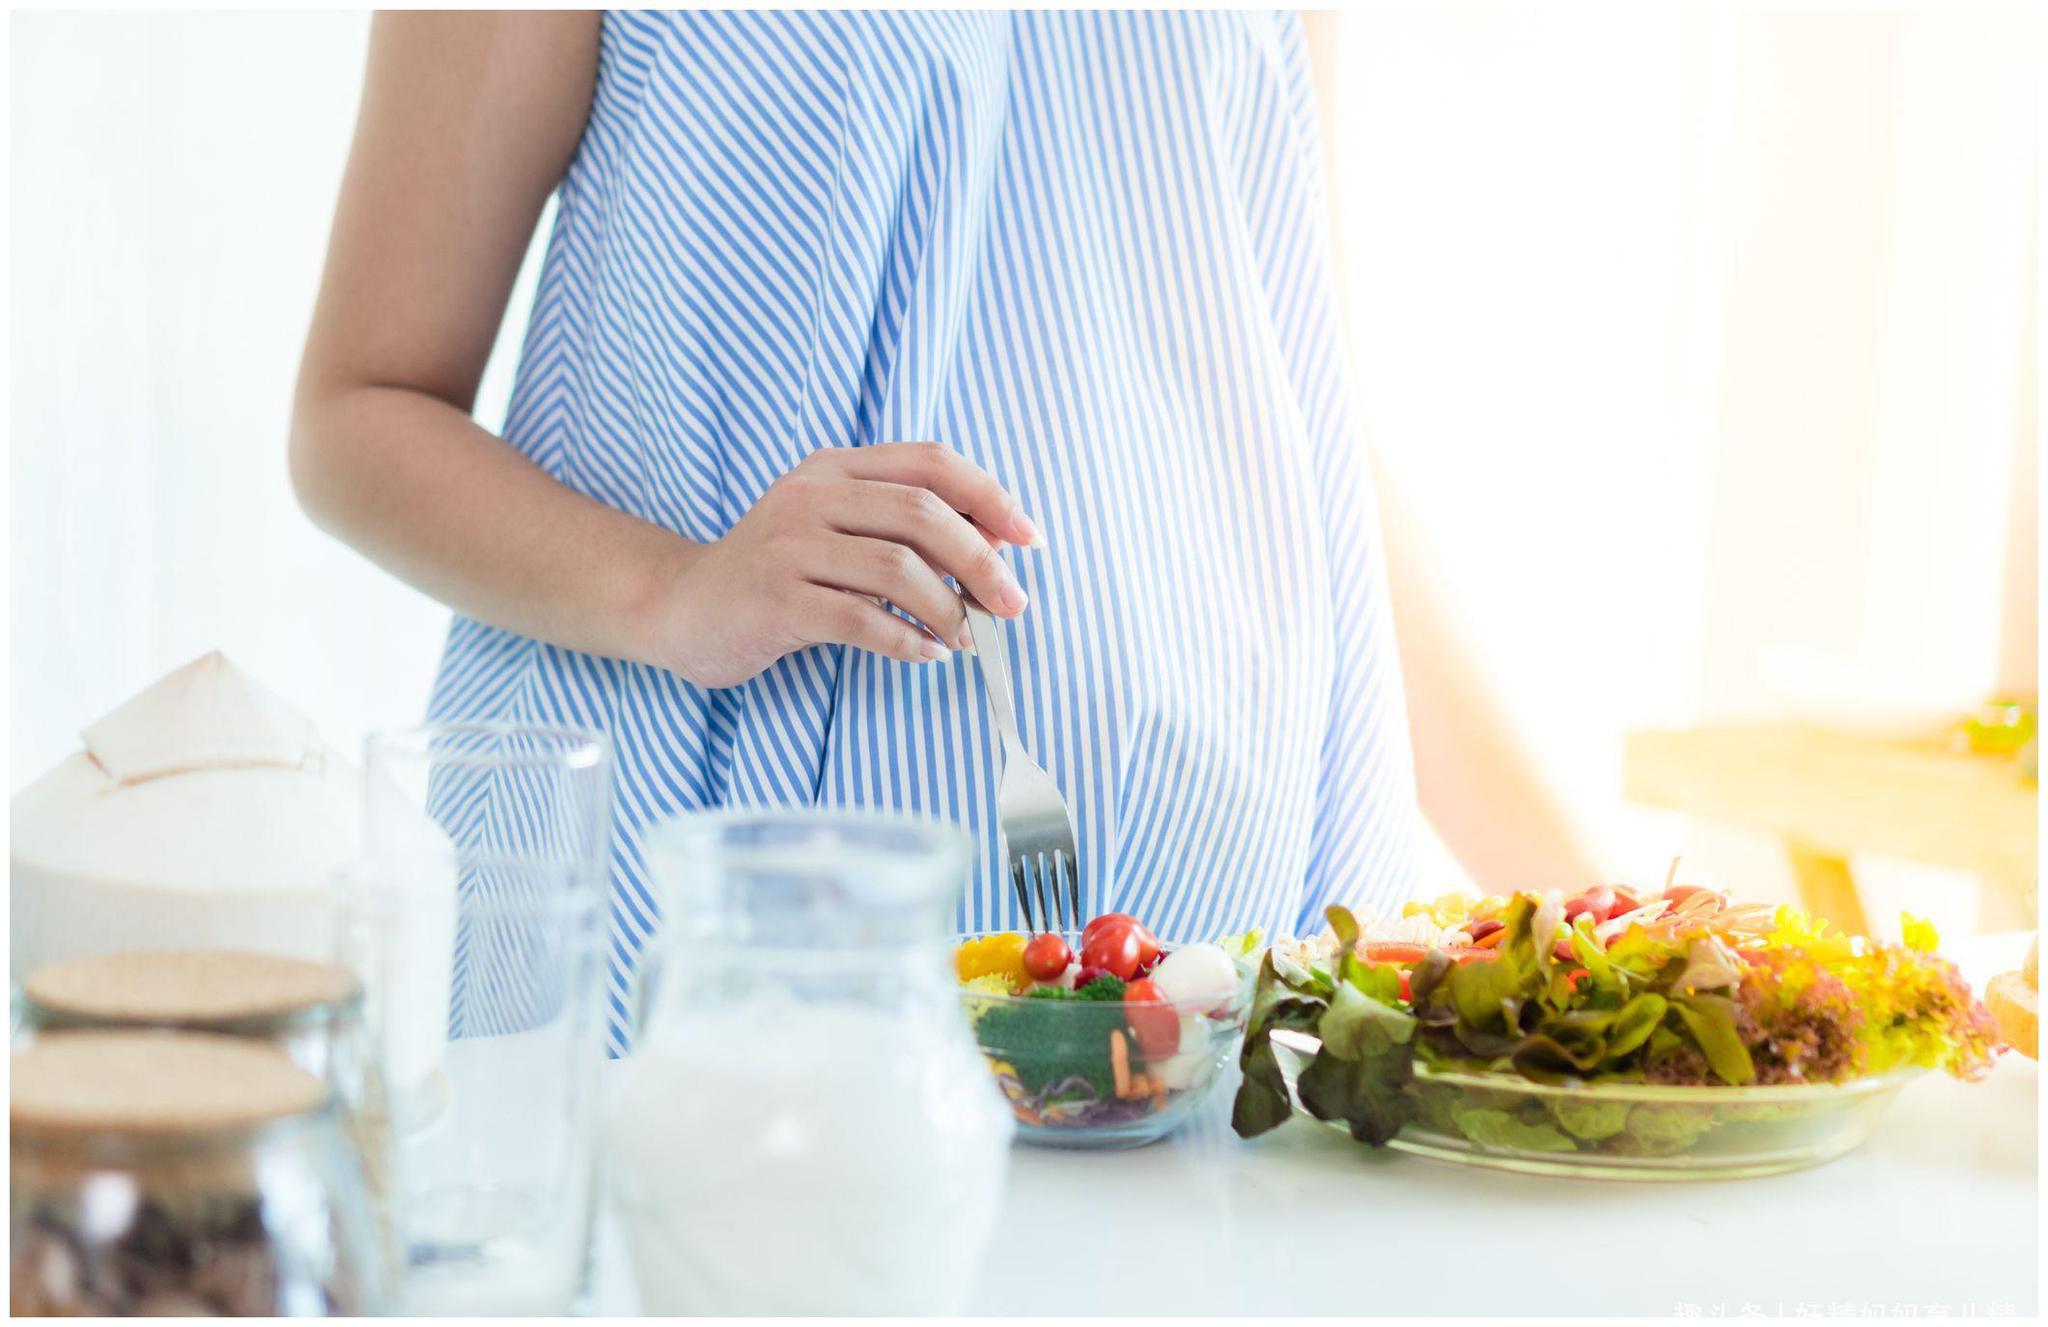 孕妇常吃这5类食物,妈妈营养足宝宝才聪明,一个不能少